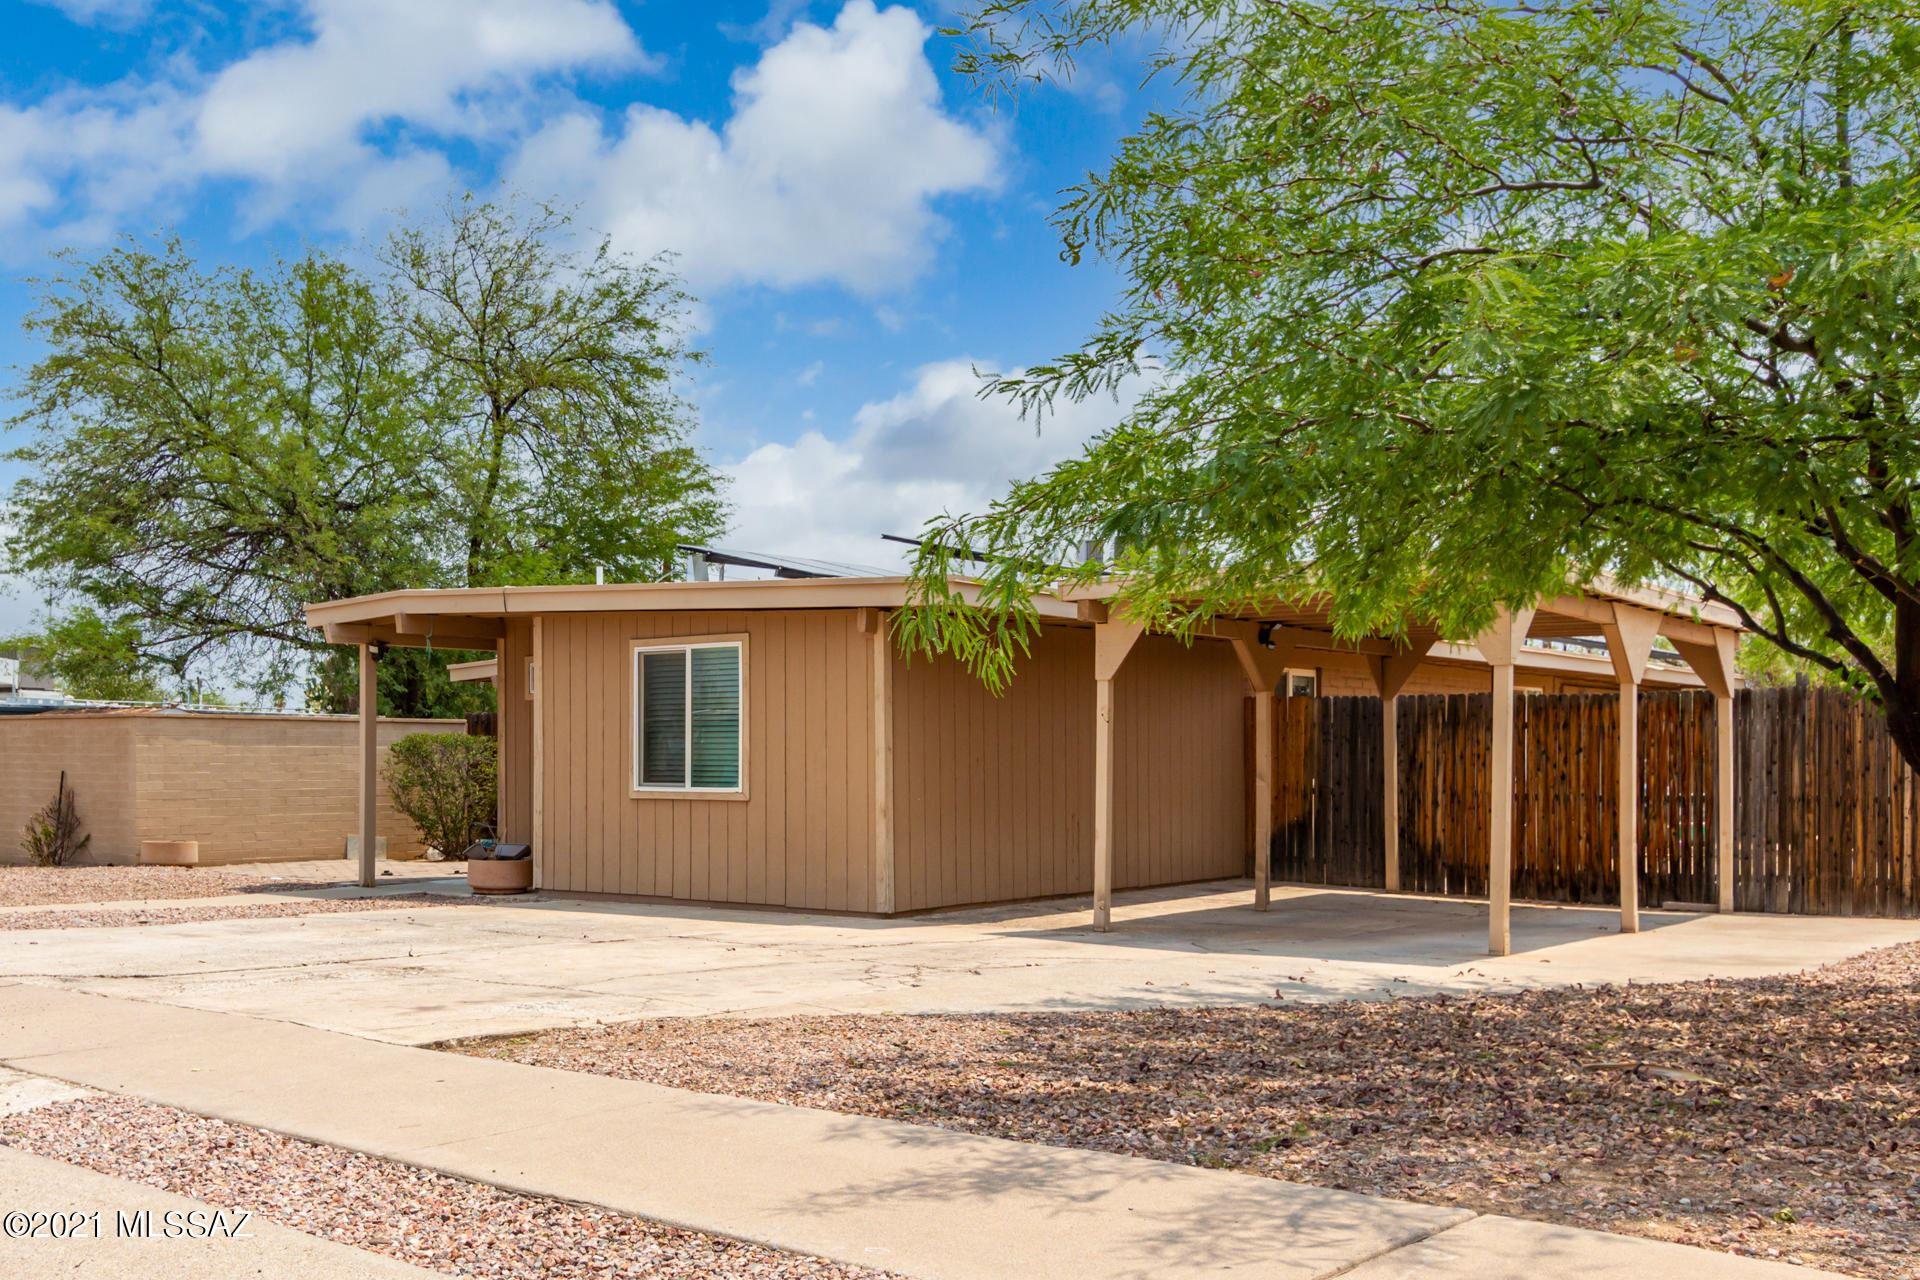 8120 E Balfour Drive, Tucson, AZ 85710 - MLS#: 22117375